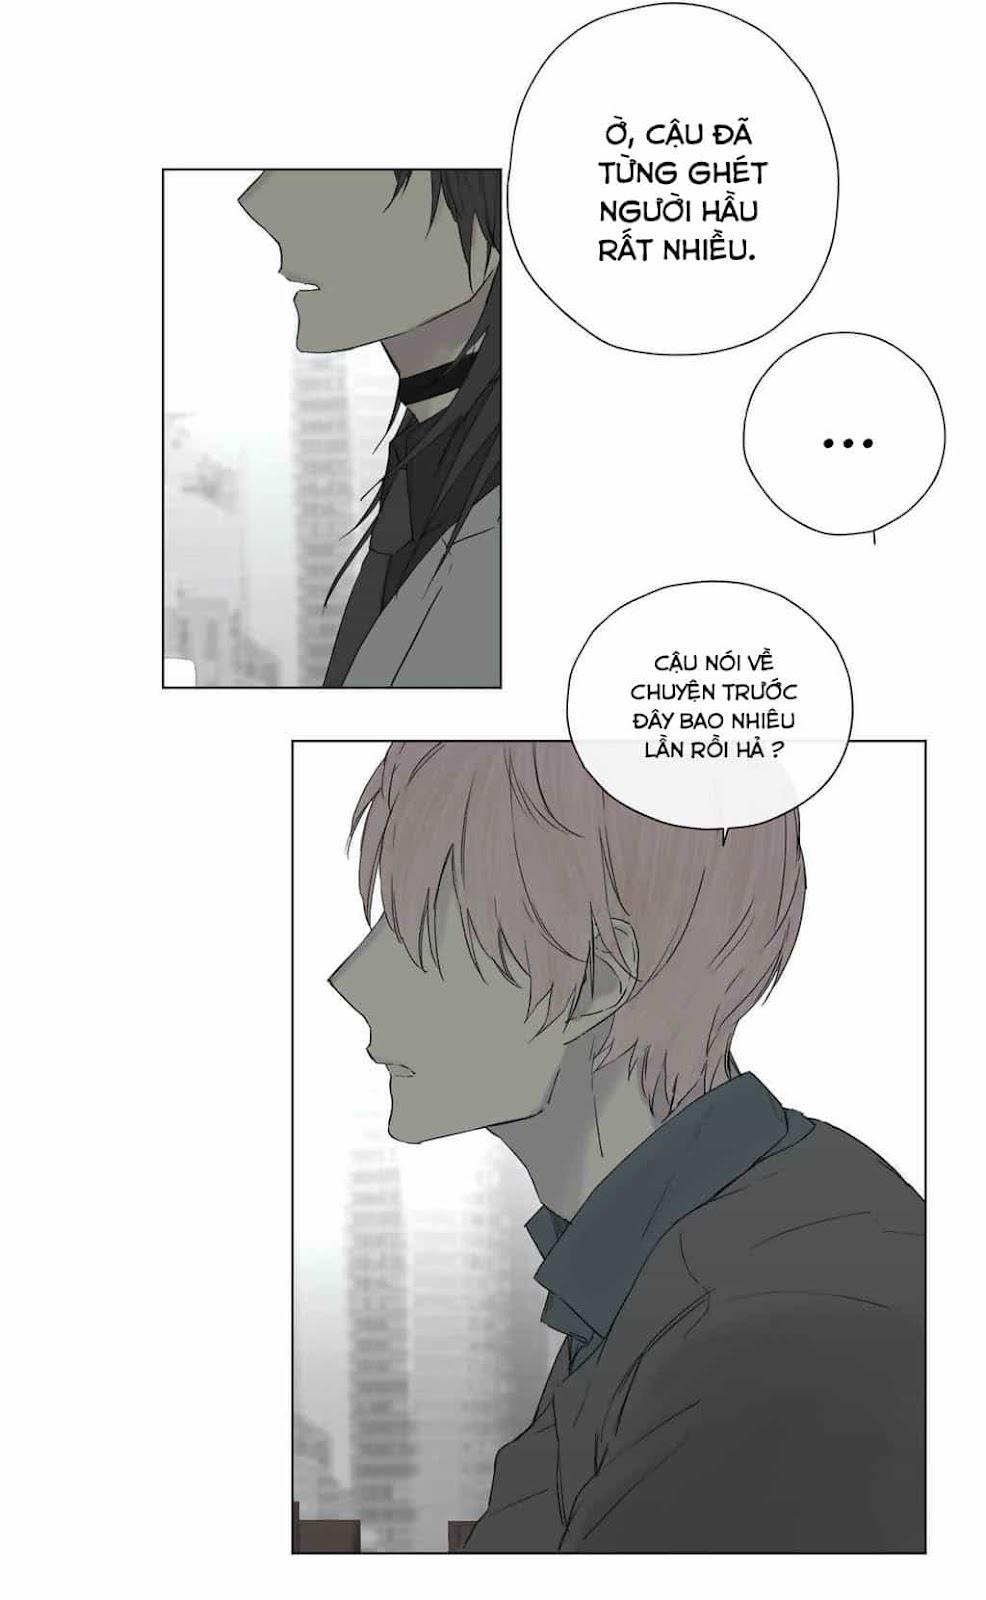 Trang 53 - Người hầu hoàng gia - Royal Servant - Chương 009 () - Truyện tranh Gay - Server HostedOnGoogleServerStaging